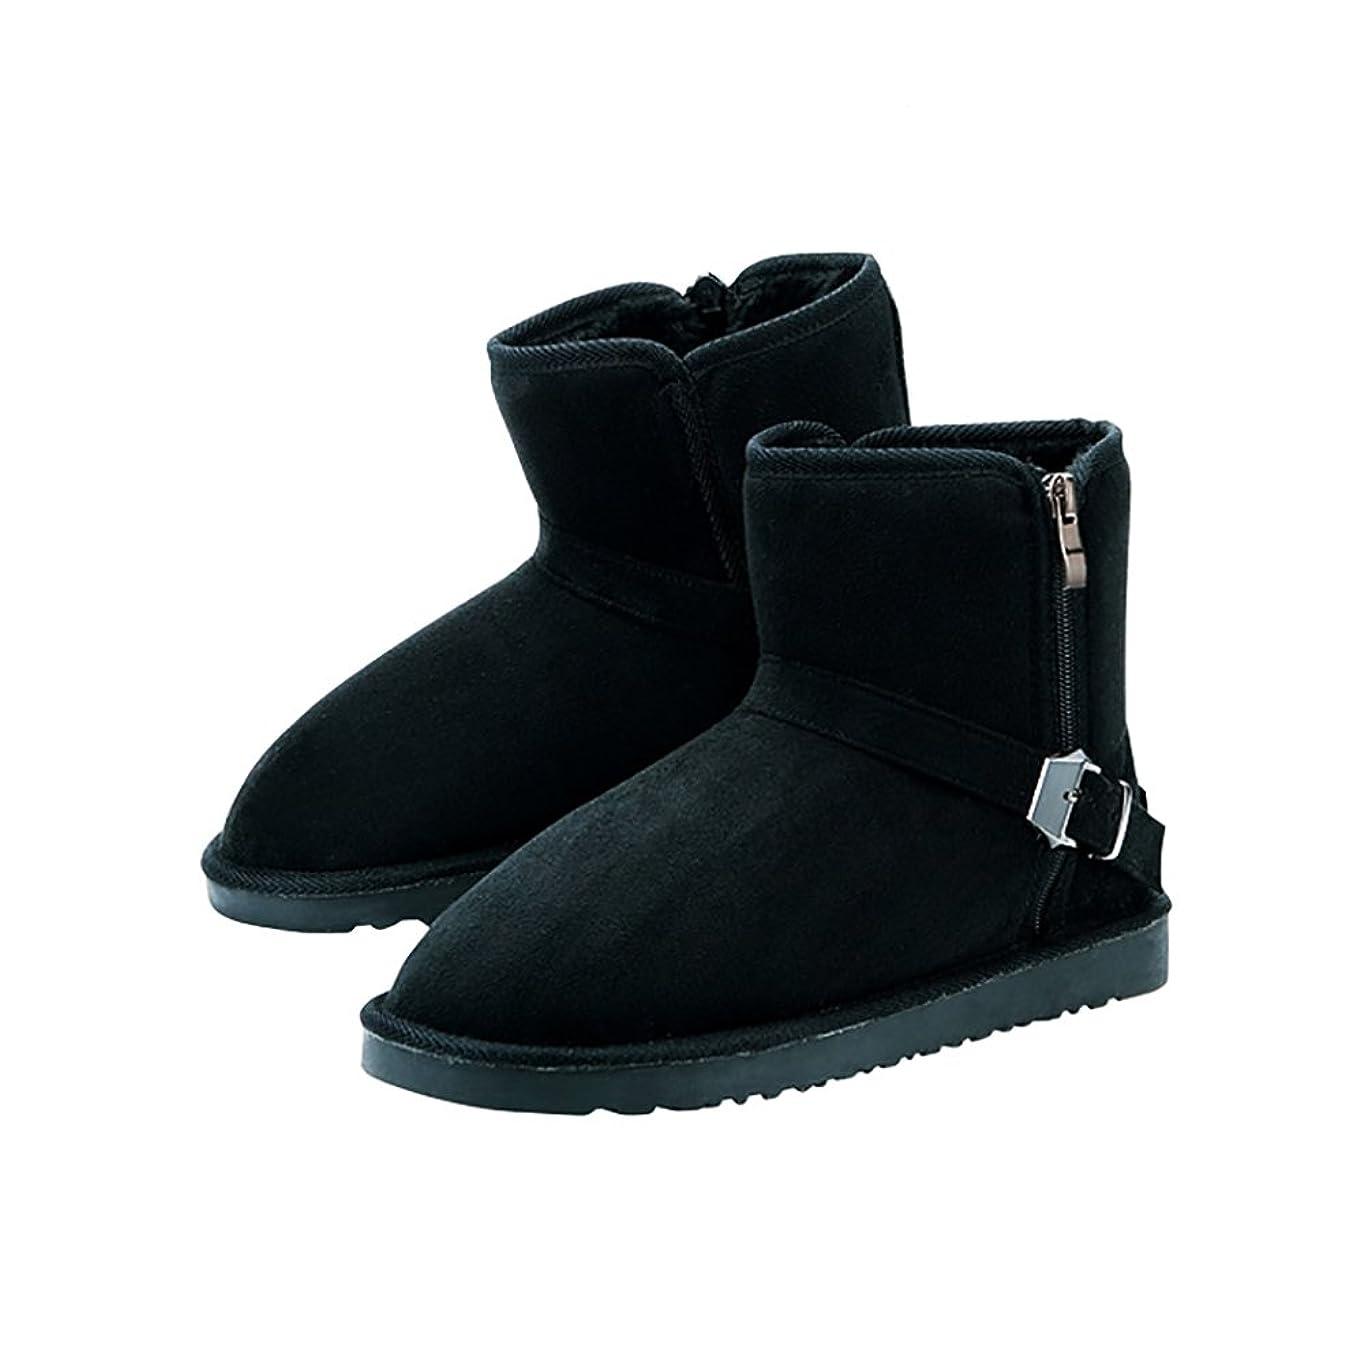 抗生物質頑張るだらしない[ノーブランド品] エンジニアブーツ ミドル ムートンブーツ ジップ サイドファスナー付き 調ブーツ